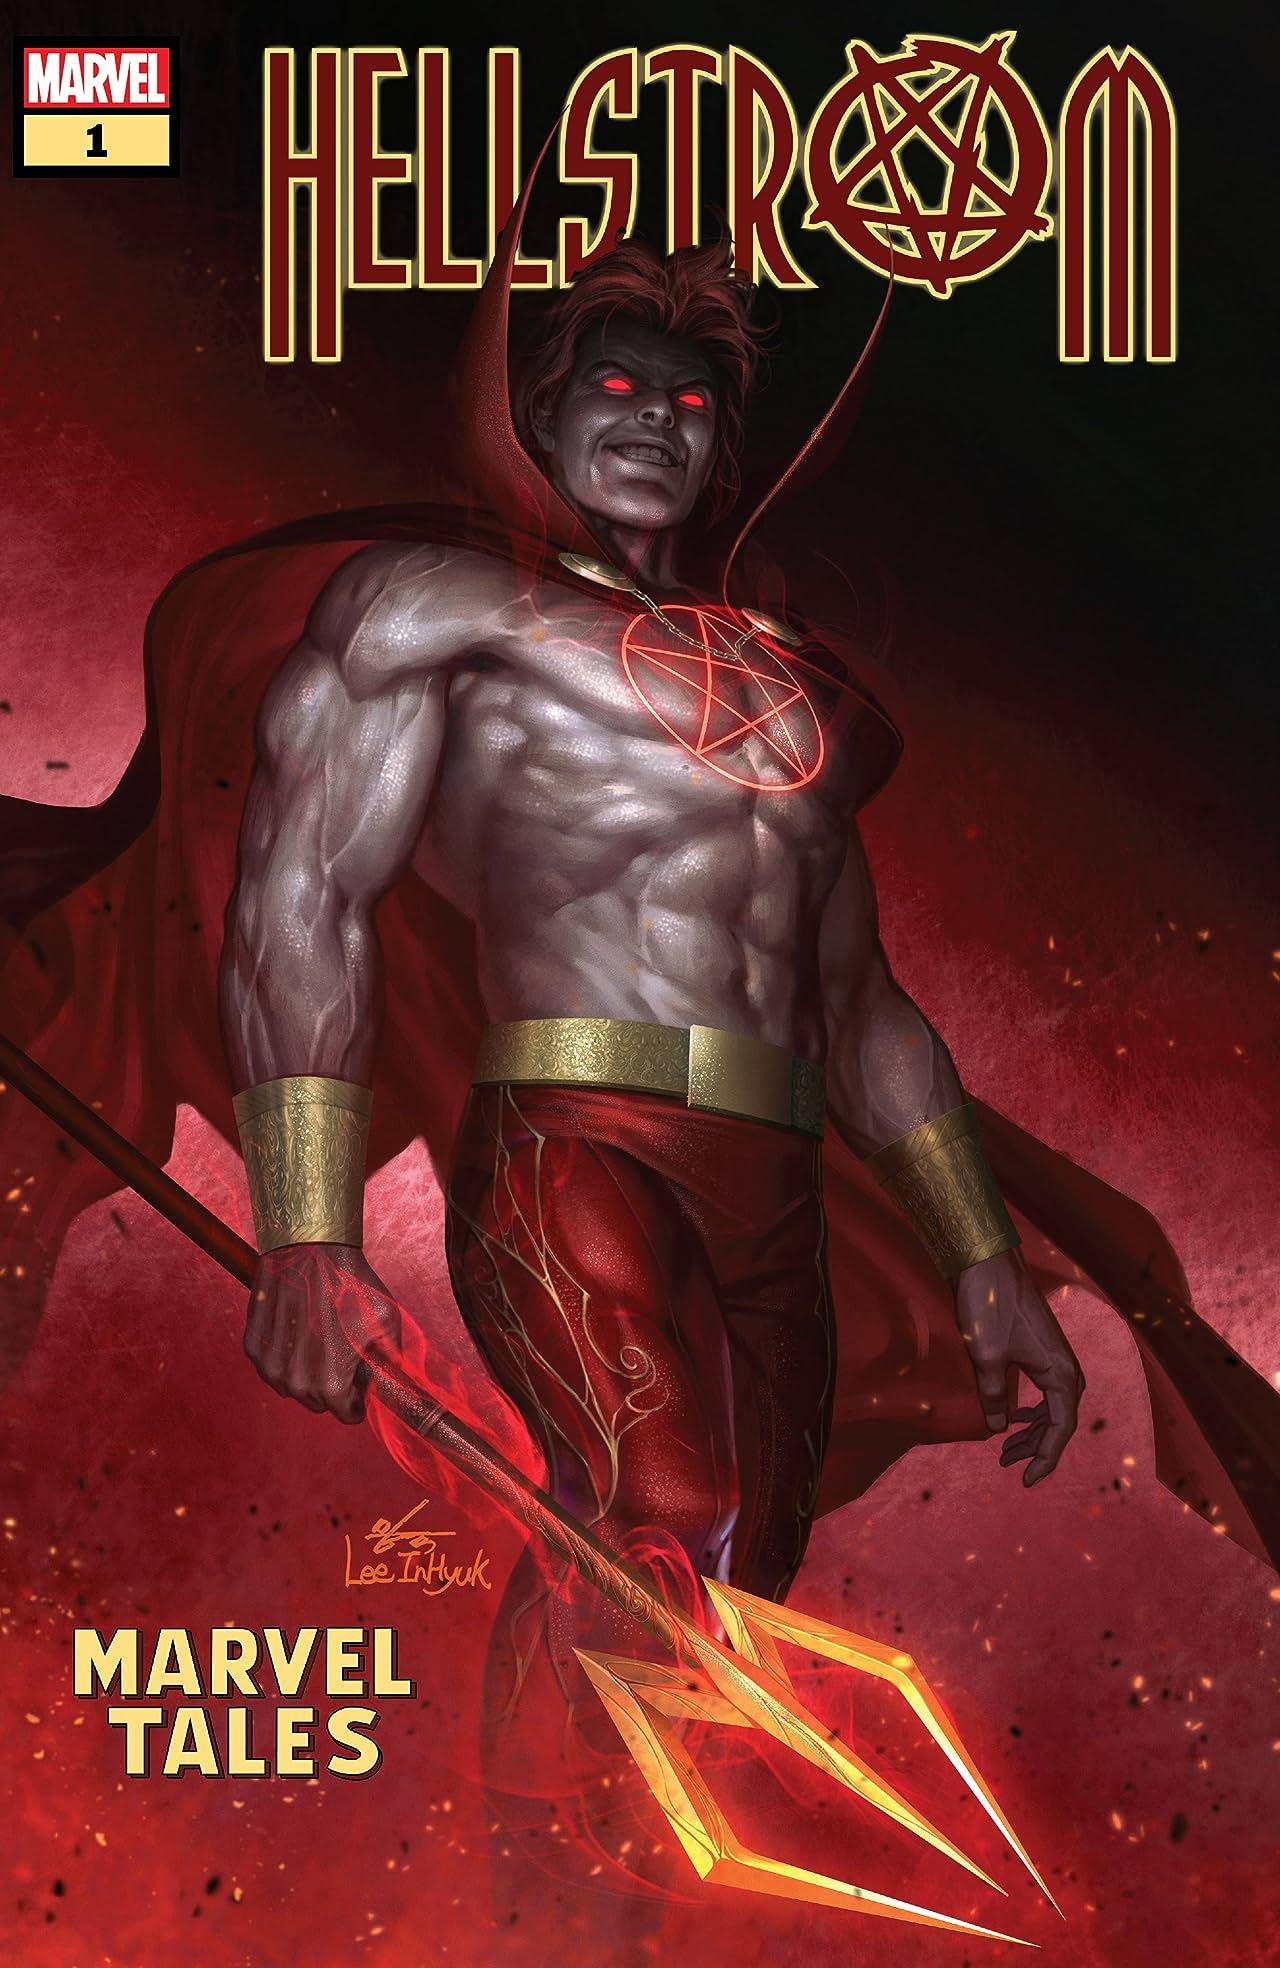 Hellstrom: Marvel Tales (2020) No.1